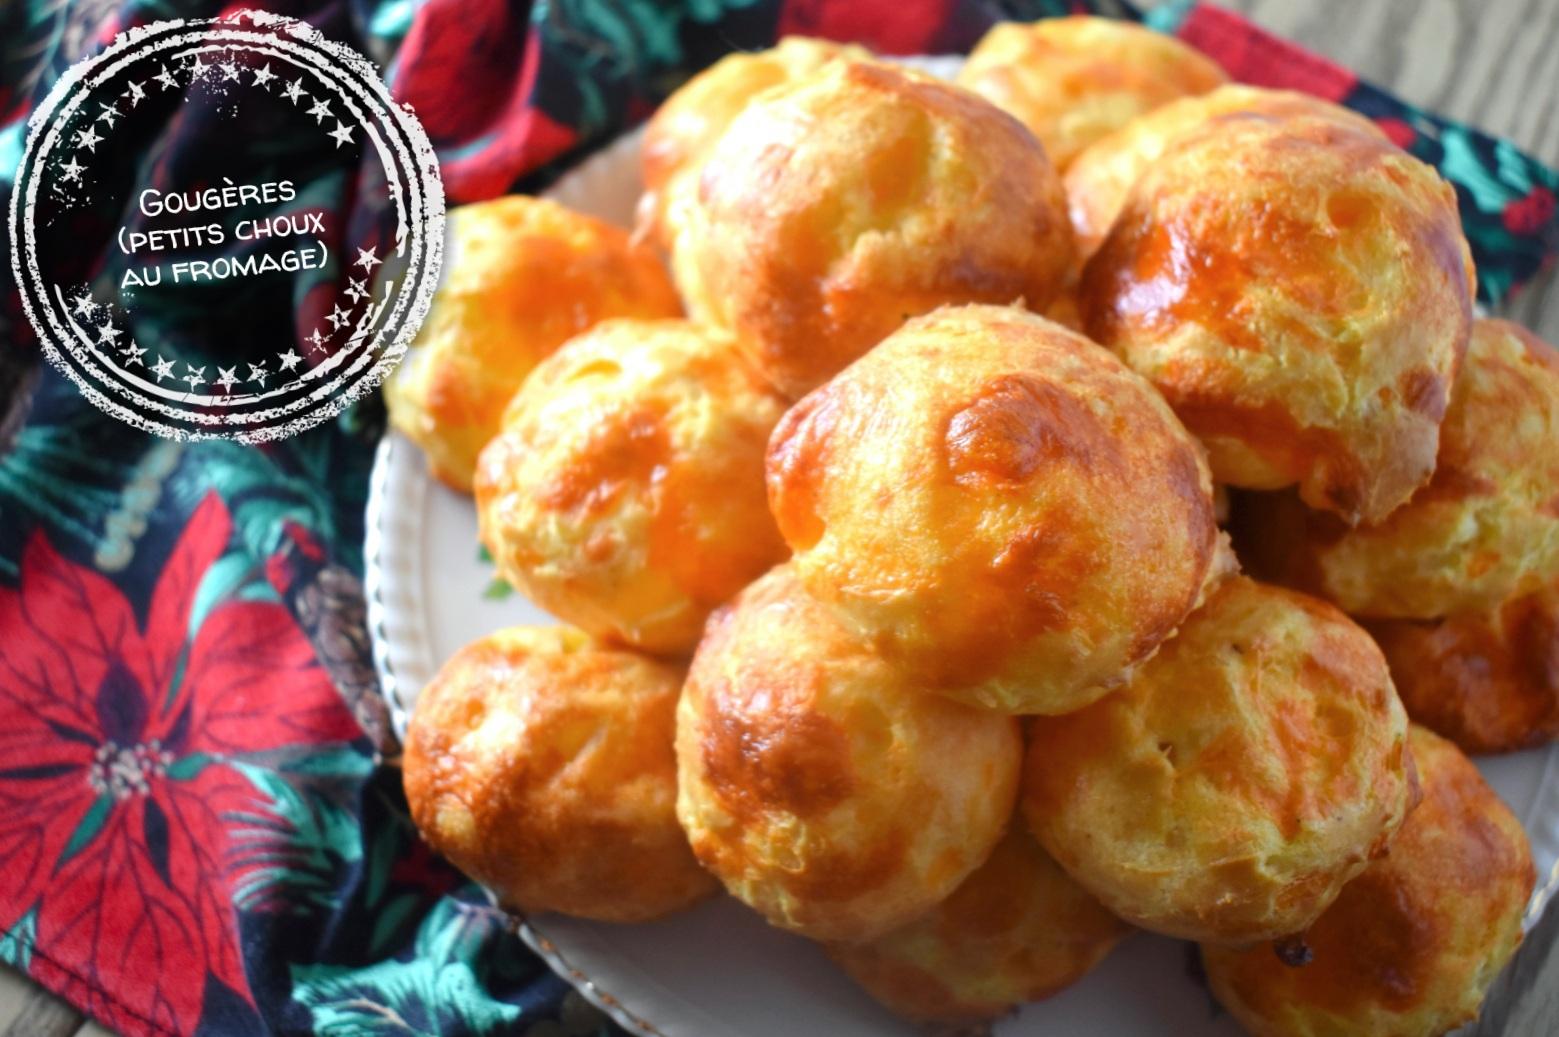 Gougères (petits choux au fromage) - Auboutdelalangue.com